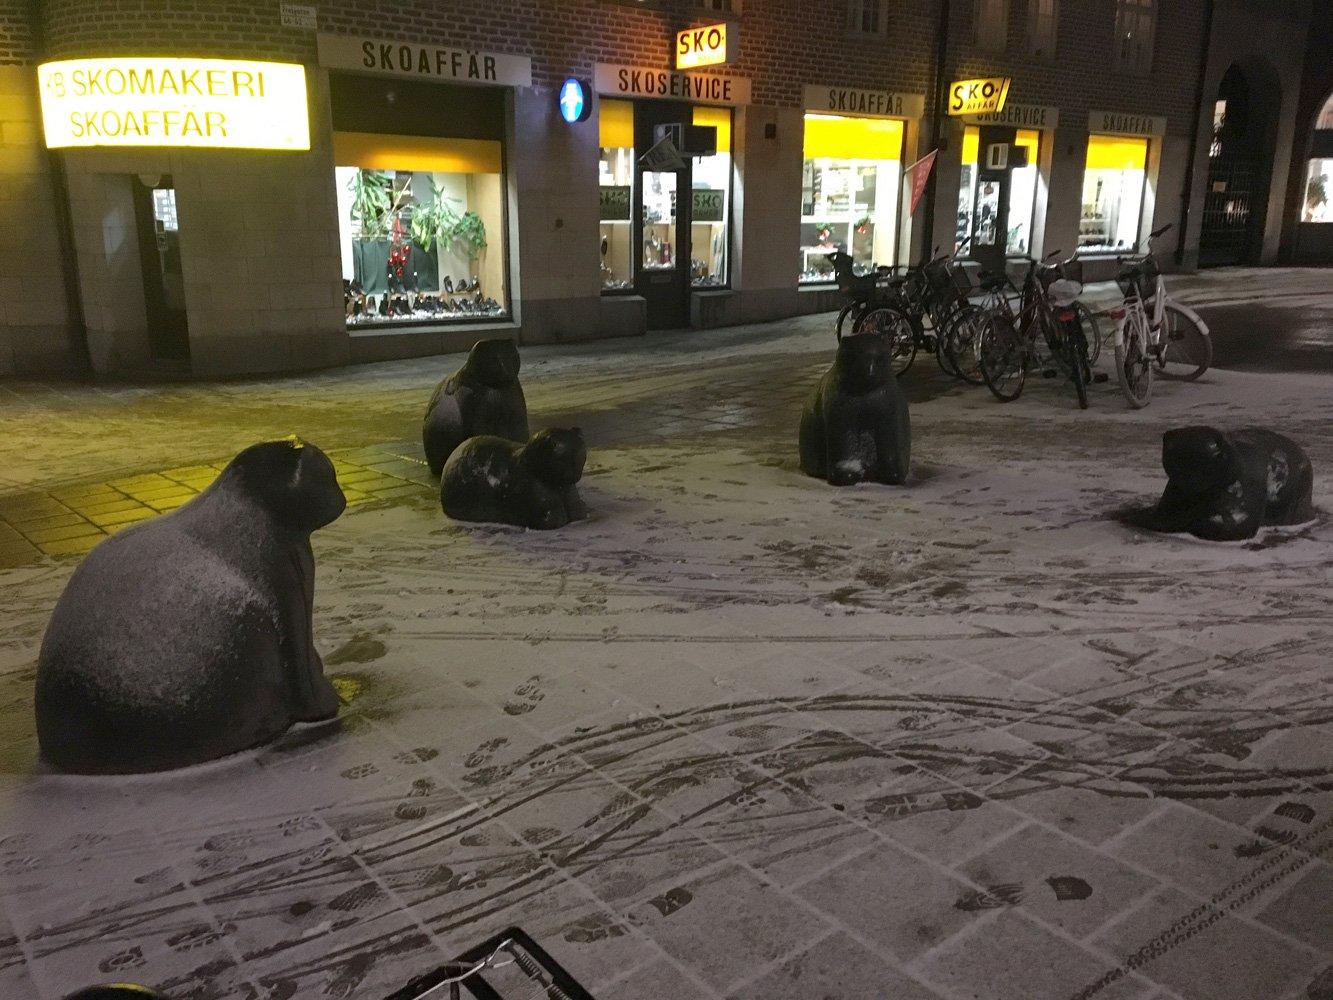 Katter, okänd skulptör